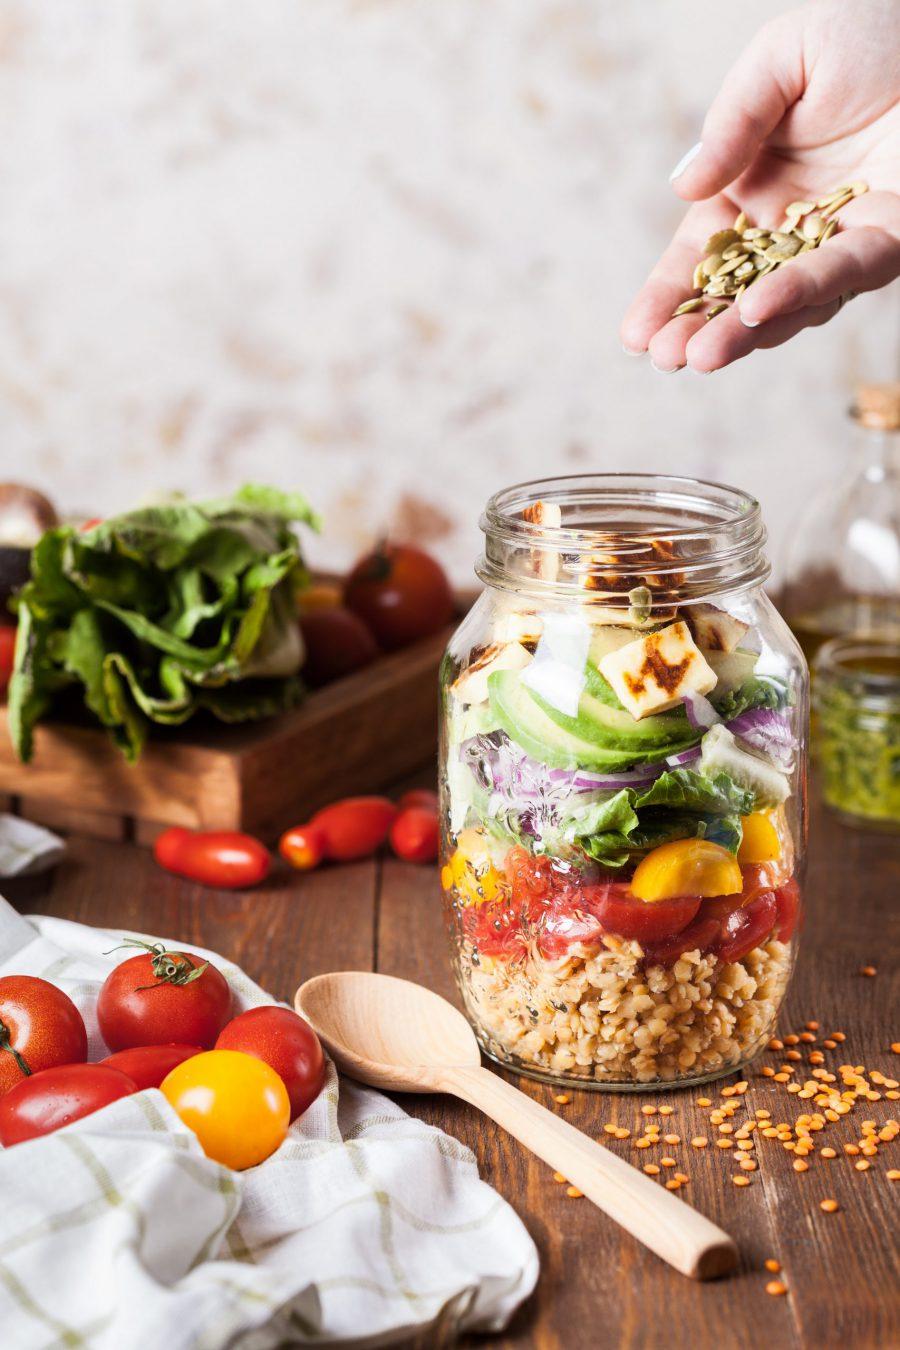 Wzmacniaj odporność z pomocą zdrowego jedzenia